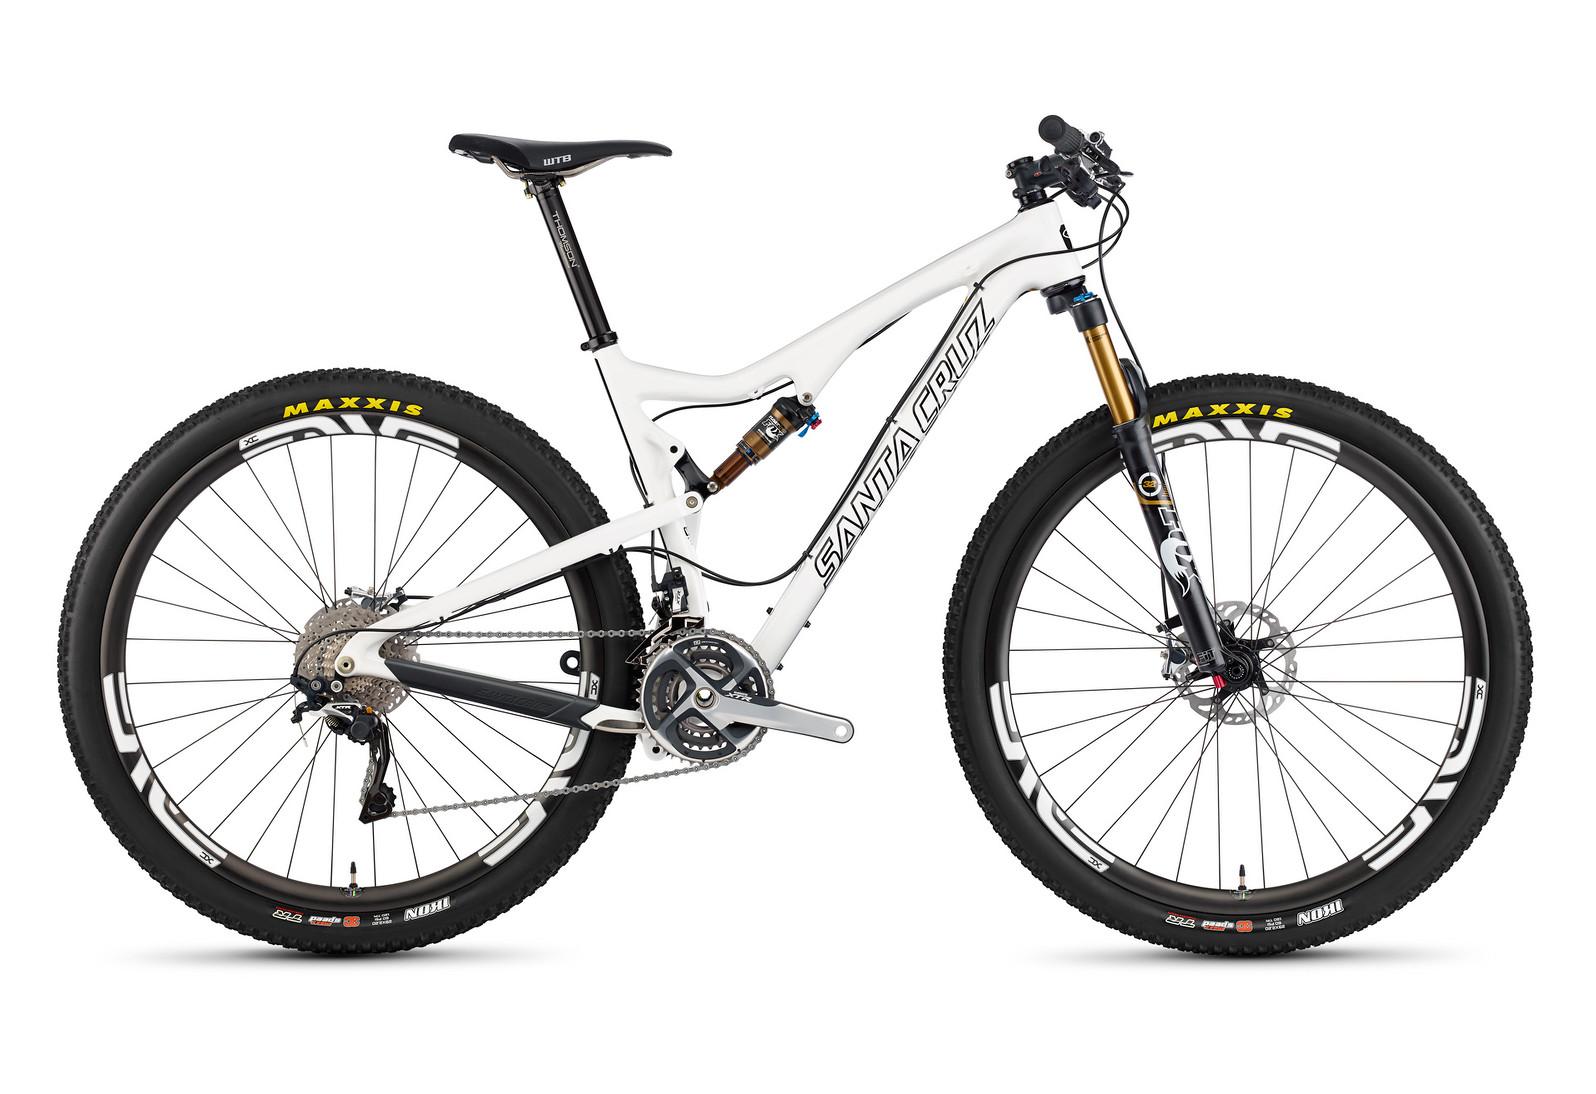 2014 Santa Cruz Tallboy Carbon 2 R XC 29 Bike TallBoy_profile_Carbon_WHT